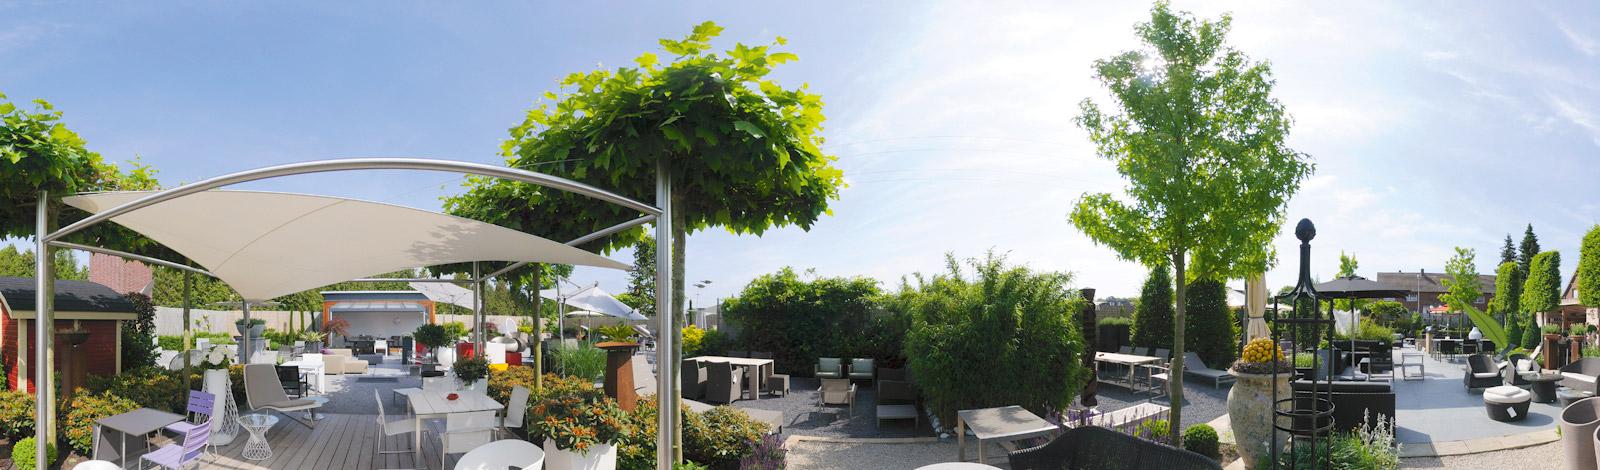 Garten Und Wohnen Münster widerruf garten wohnen